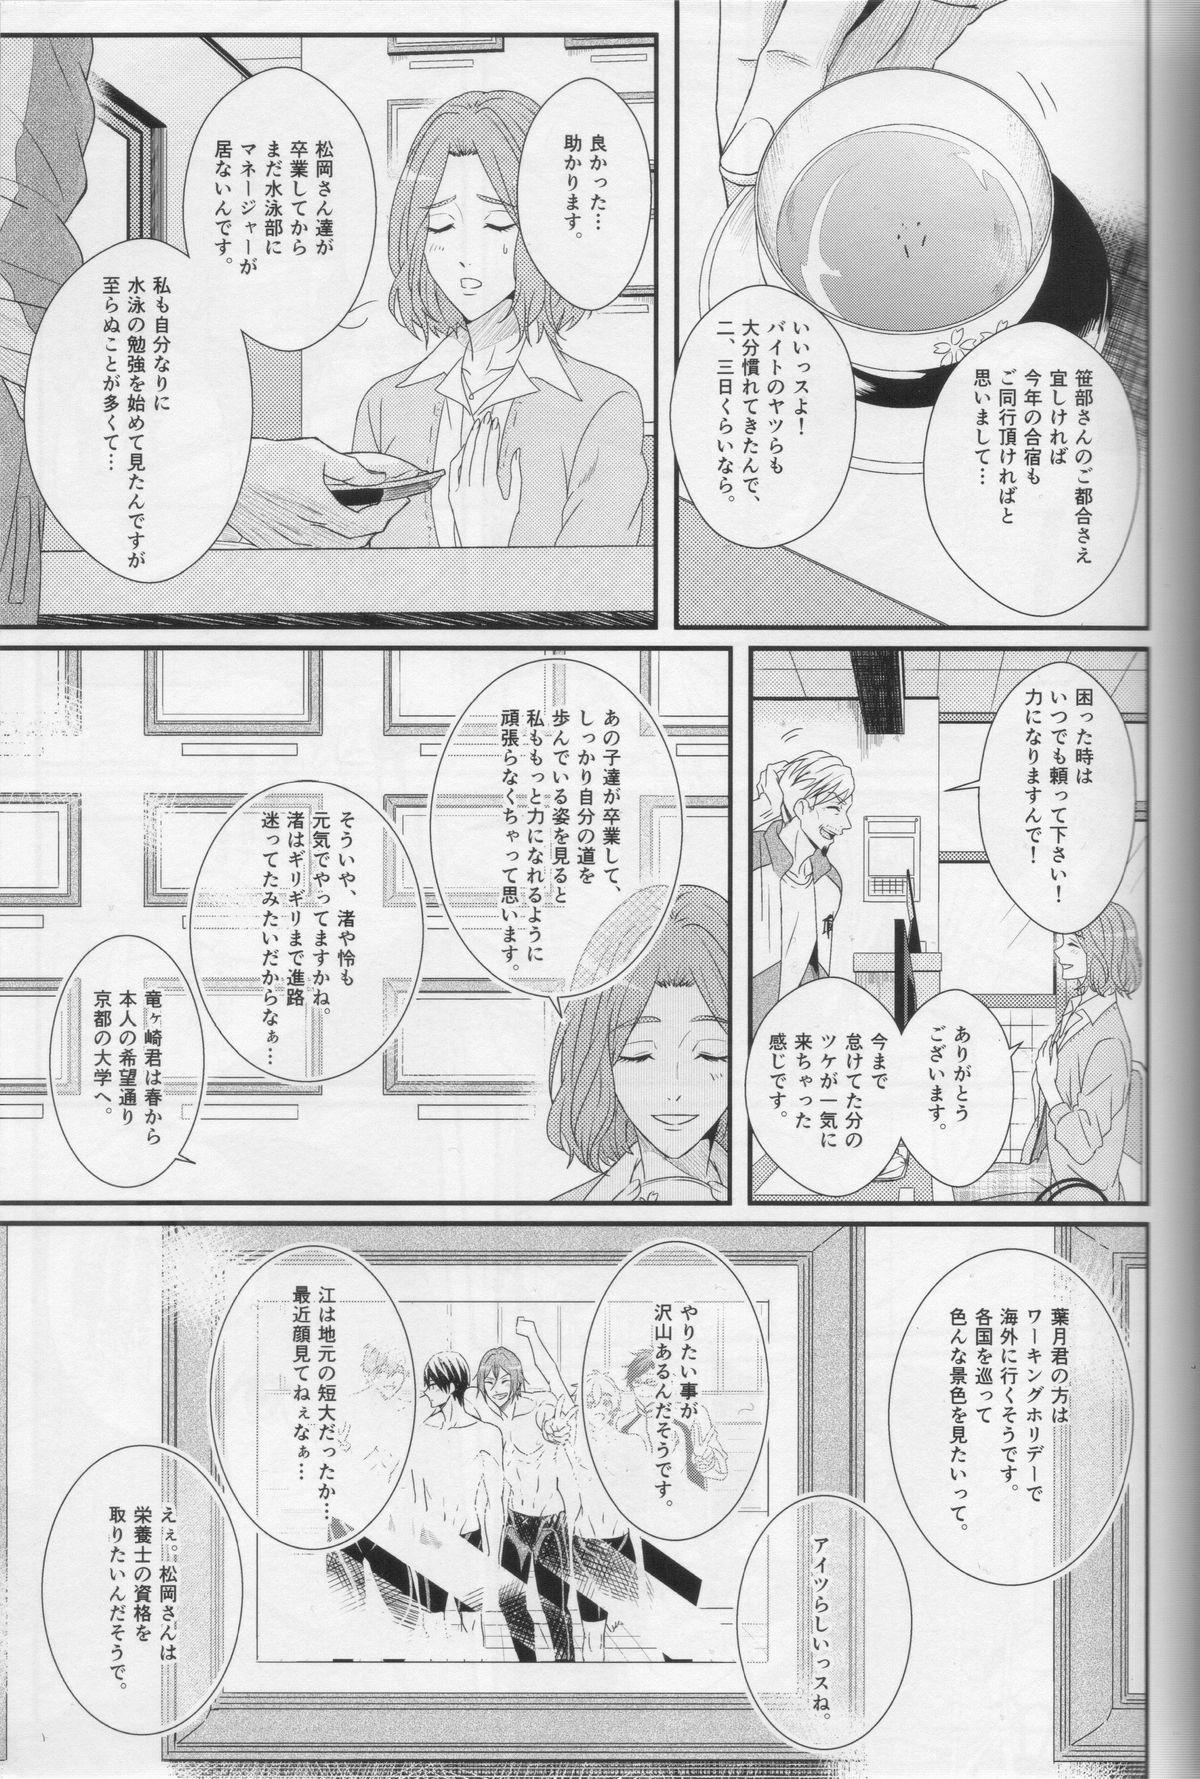 Minasoko no Blue Fish 52